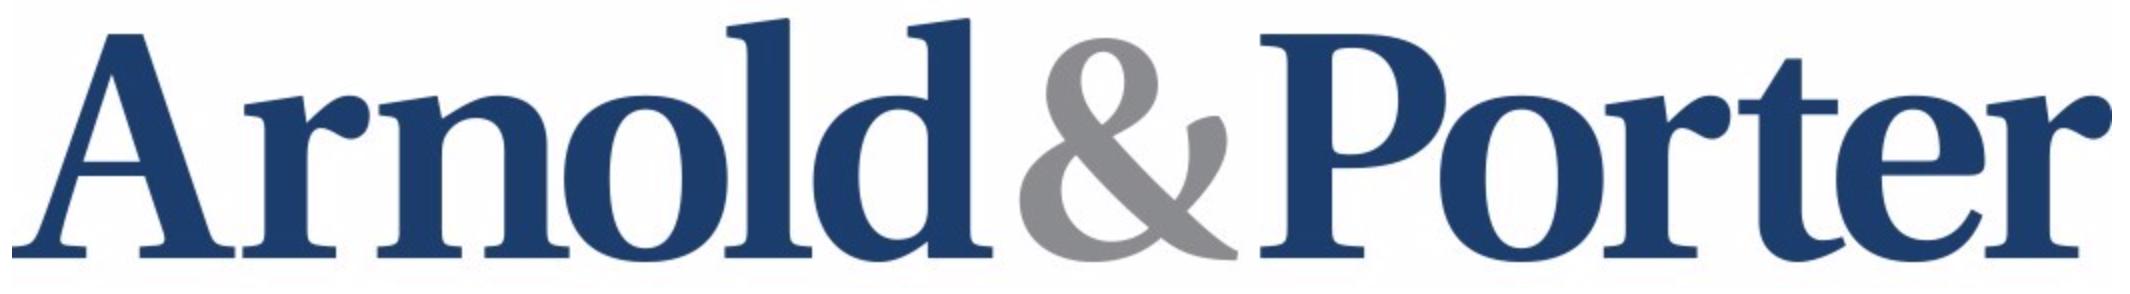 File:Arnold & Porter logo.png.